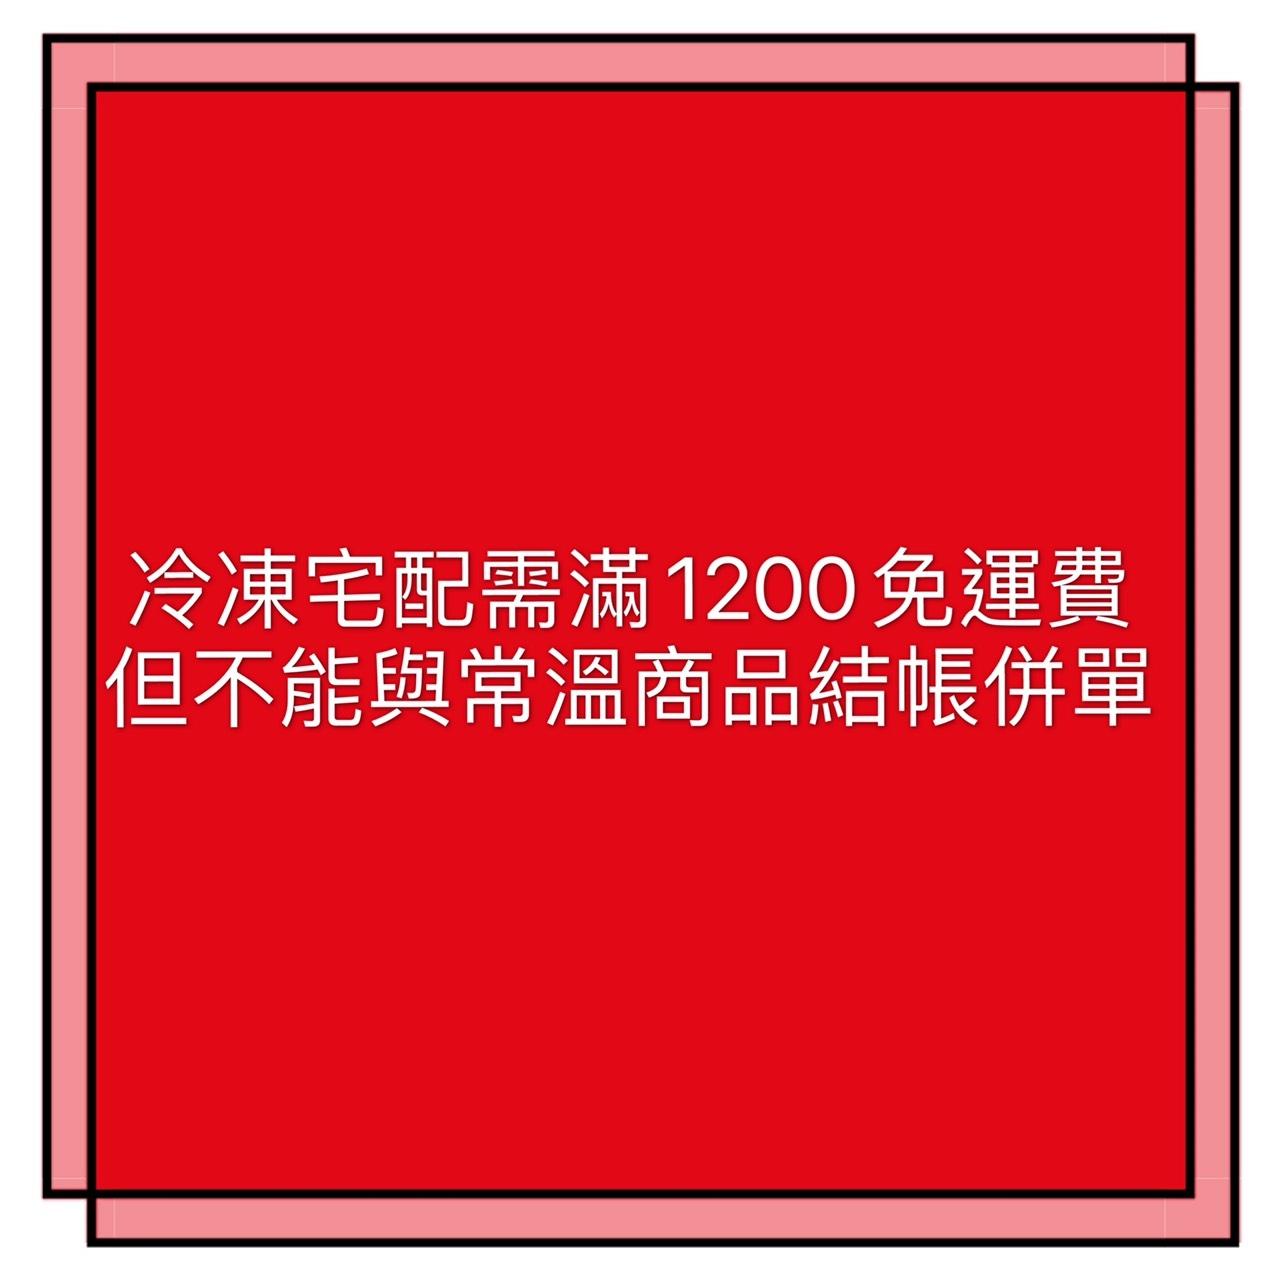 全新生活冷凍宅配專區 1200免運費 (但不能與常溫商品併單結帳)